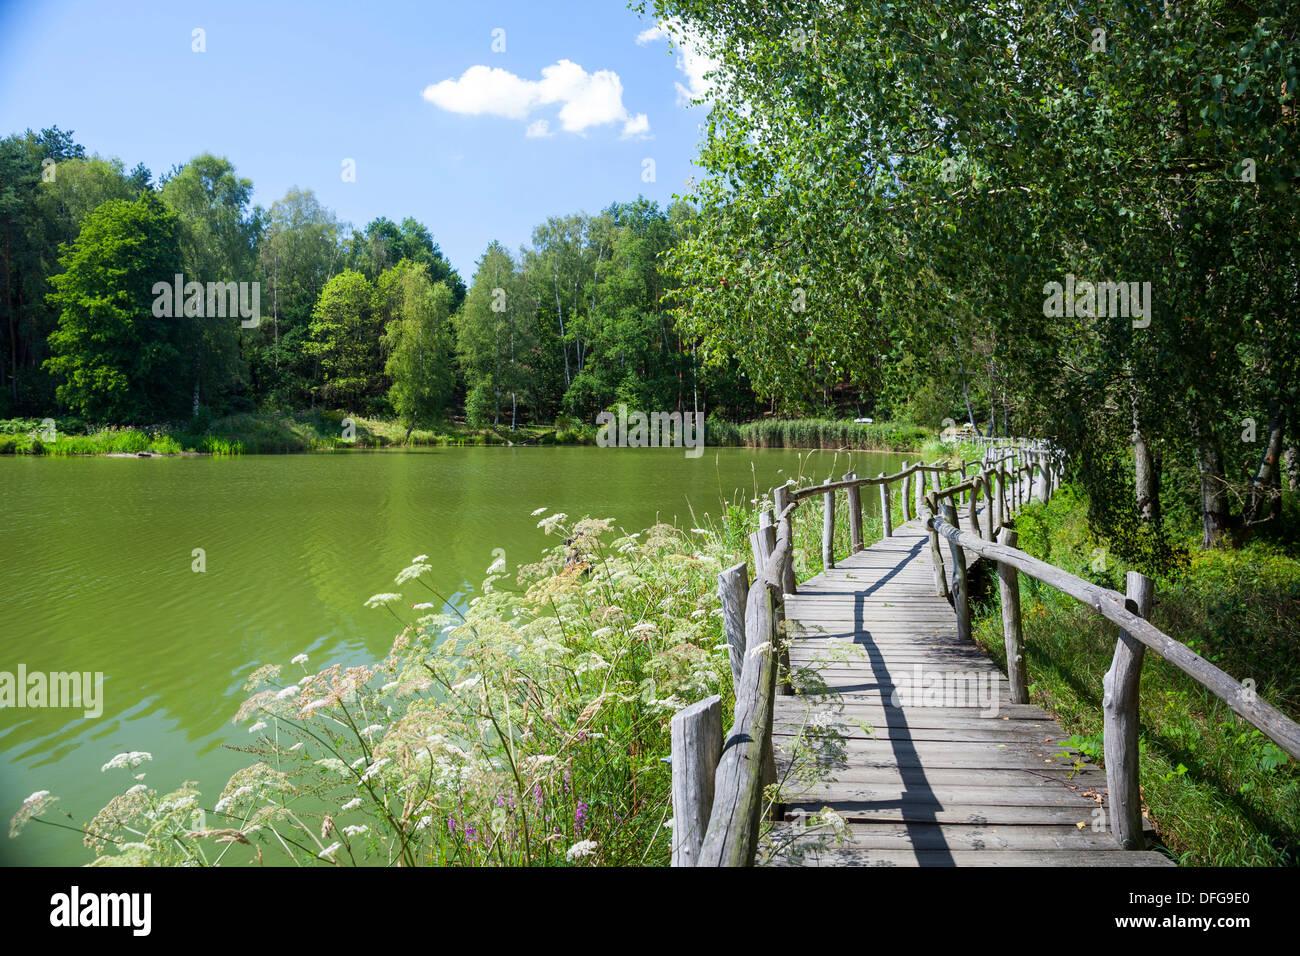 Beaver Trail, wooden bridge on See der Freundschaft or Lake of Friendship, Königsbrücker Heide nature reserve, Saxony, Germany - Stock Image